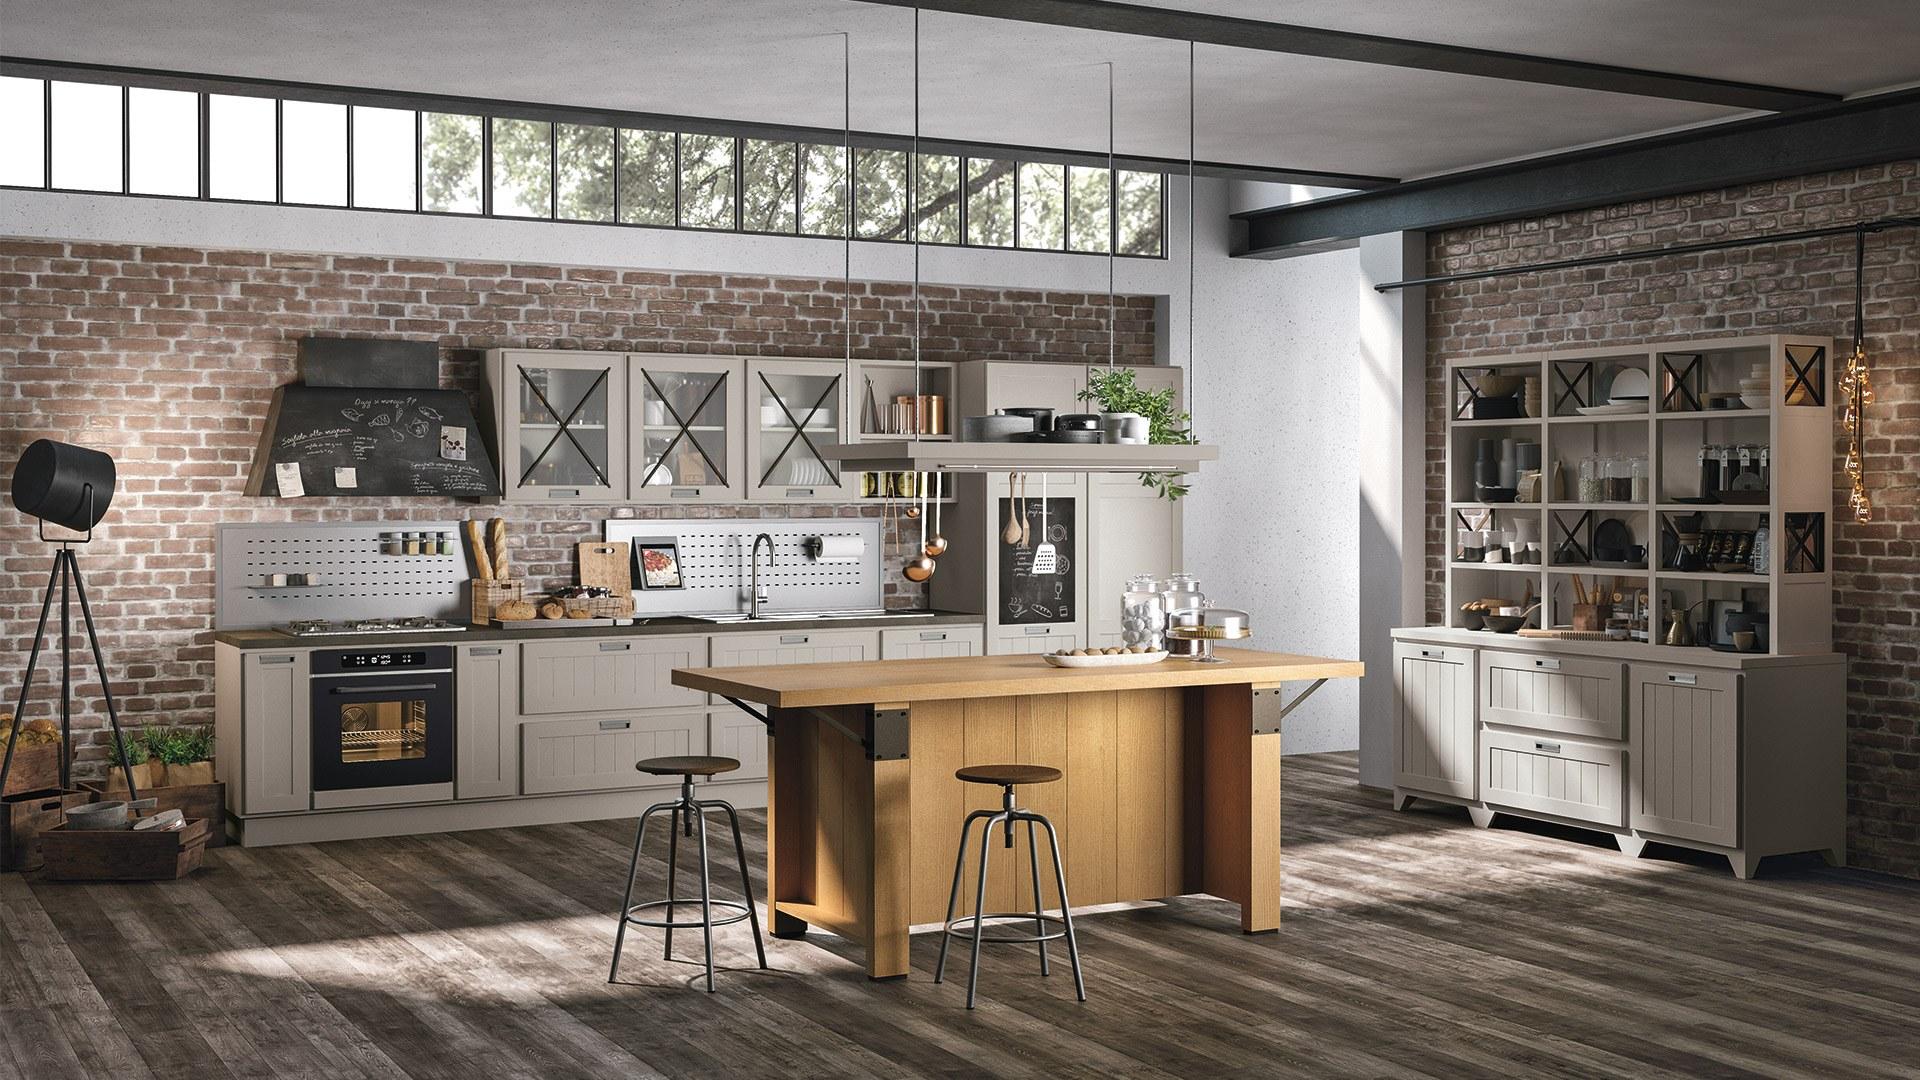 Cucine Creo Lube Opinioni provenza, 5 cose da sapere sulla nuova cucina di lube del